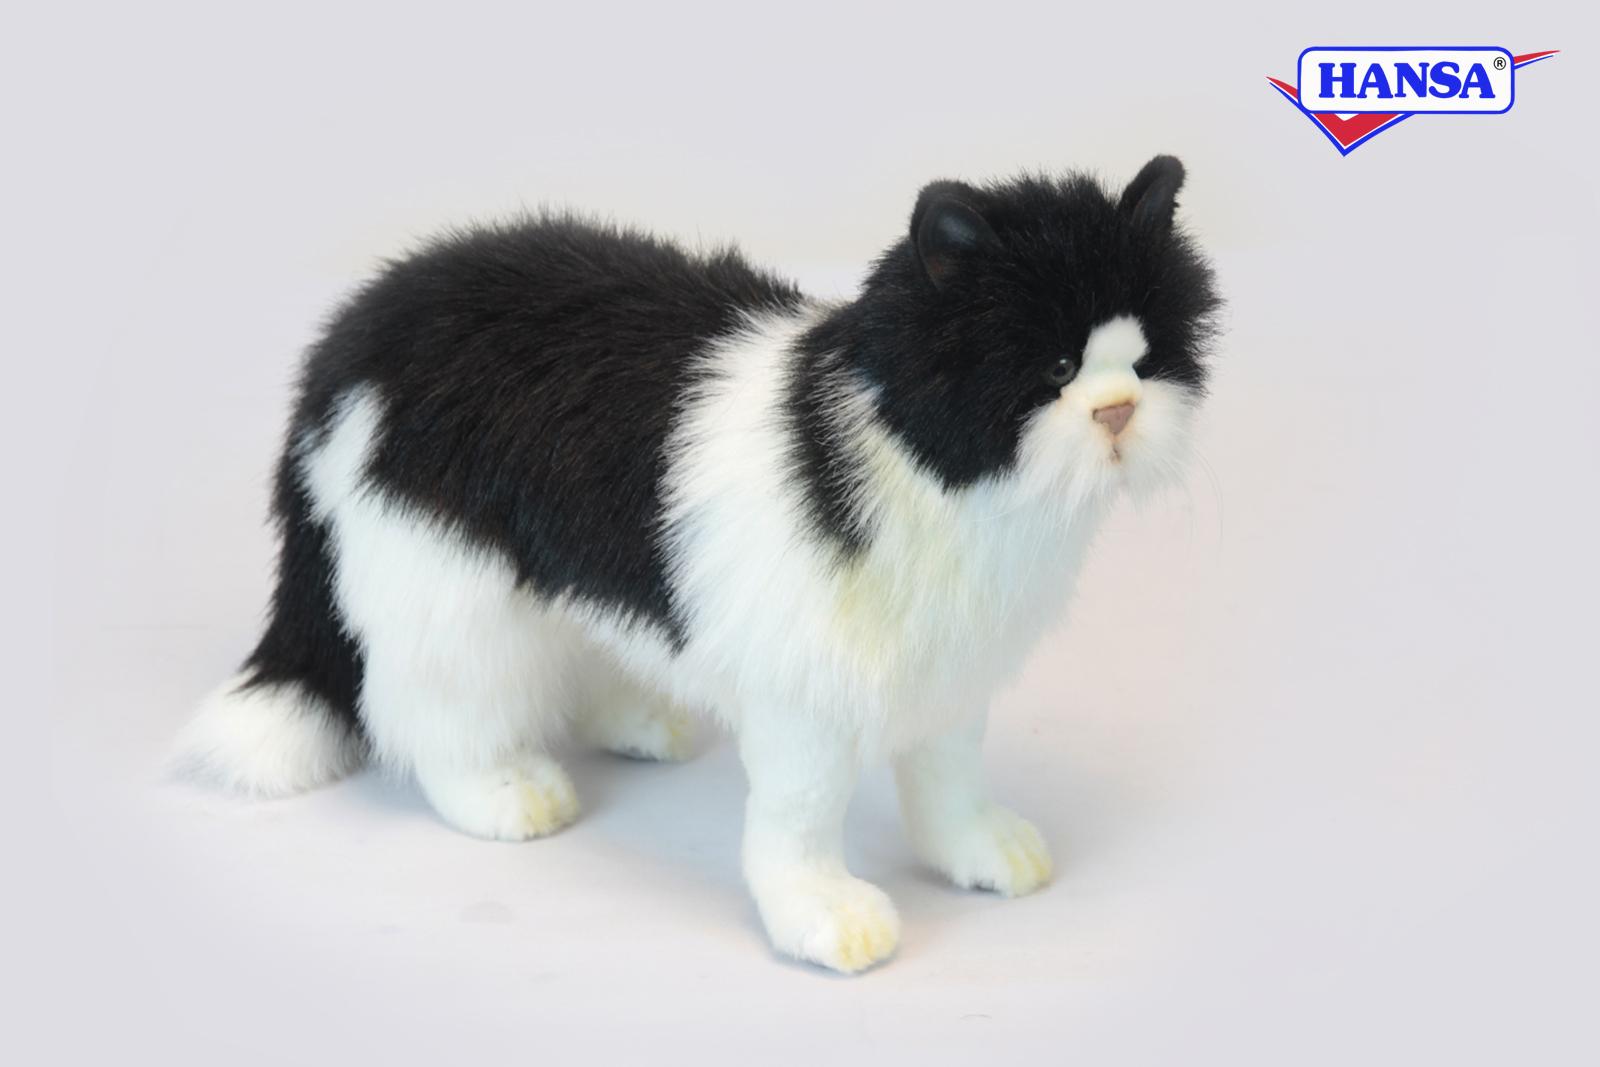 Купить Мягкая игрушка - Кот черный, 46 см, Hansa